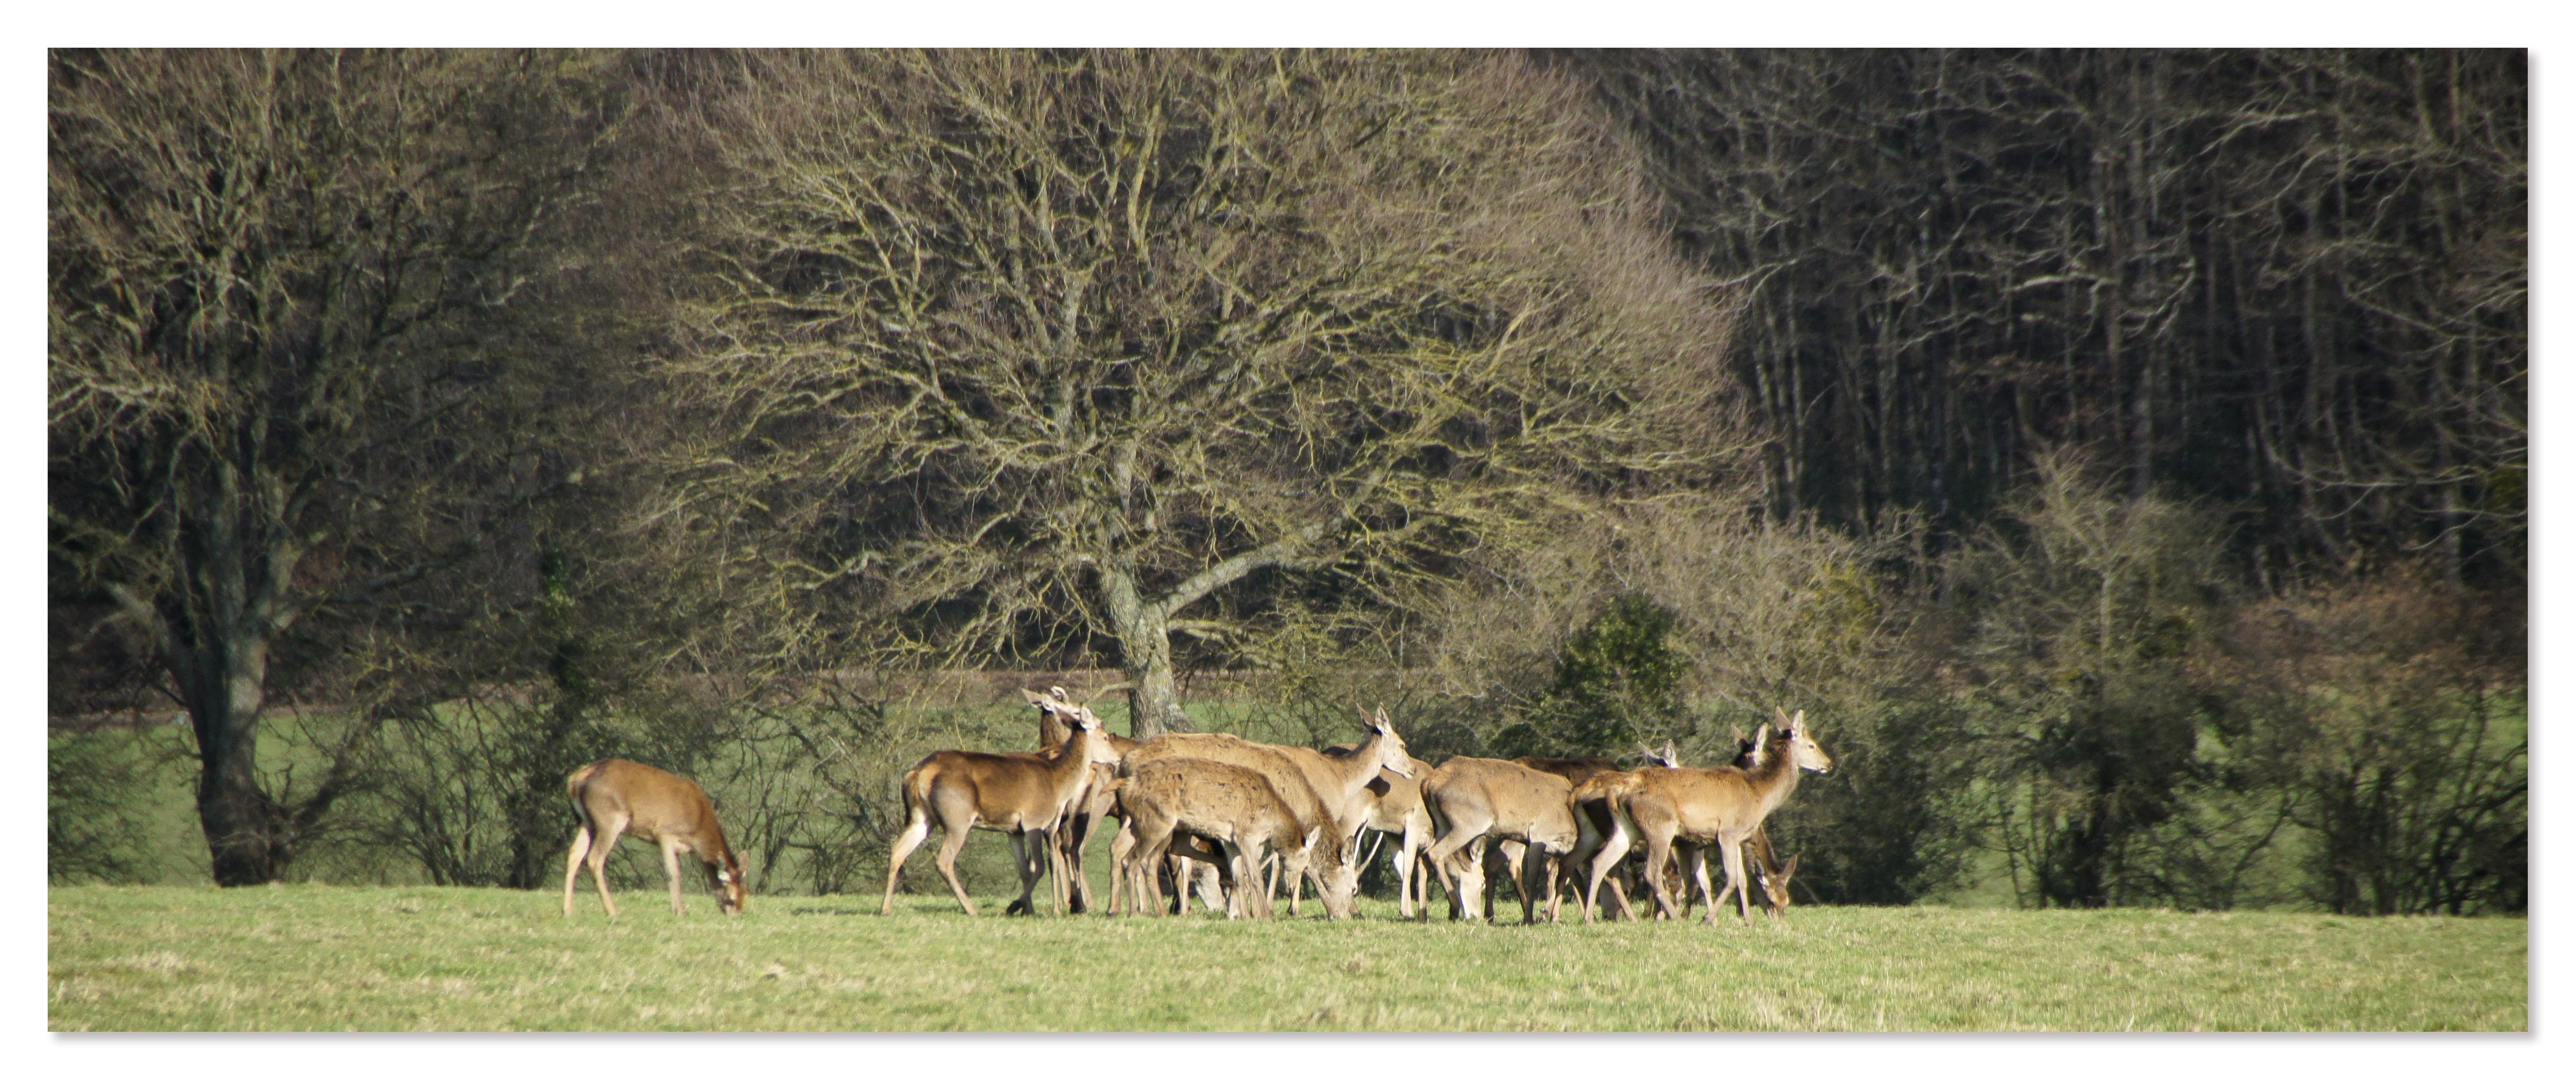 72 - Faune sauvage - Forêt de Bercé - Sarthe